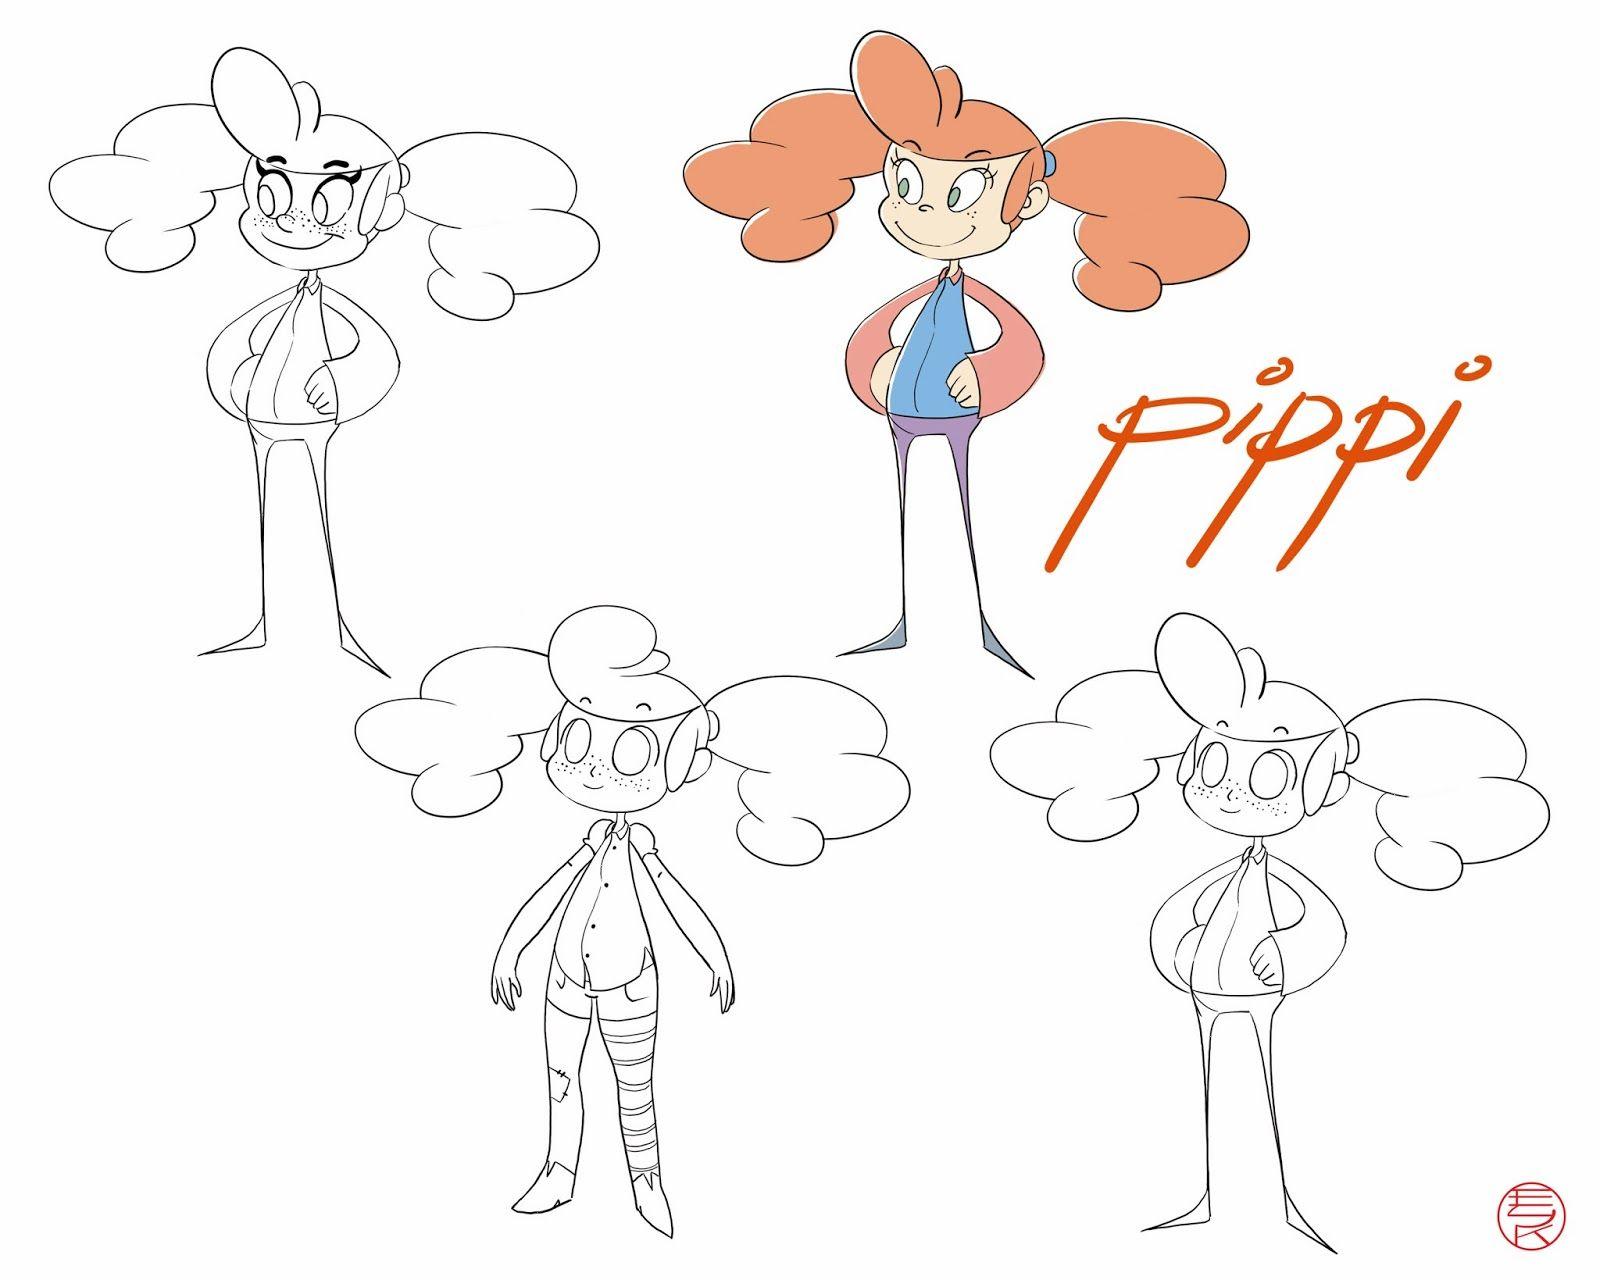 The Art of Emily Konopasek: Pippi Långstrump